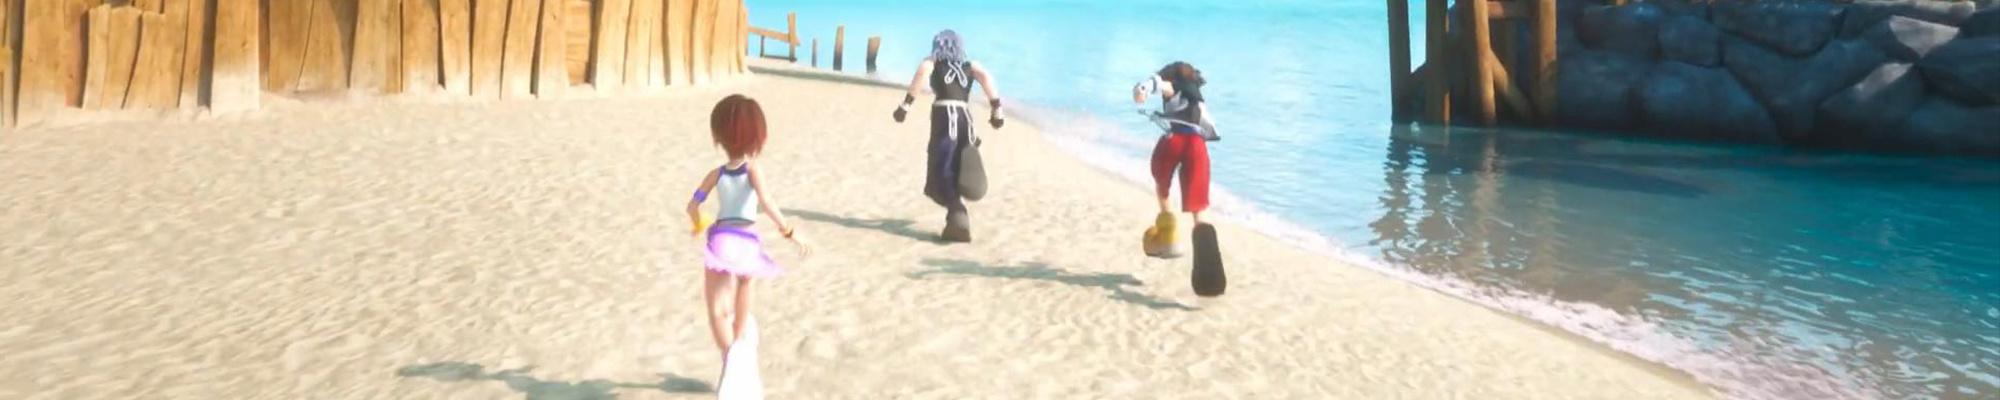 《王国之心3》公布主题曲与开场动画